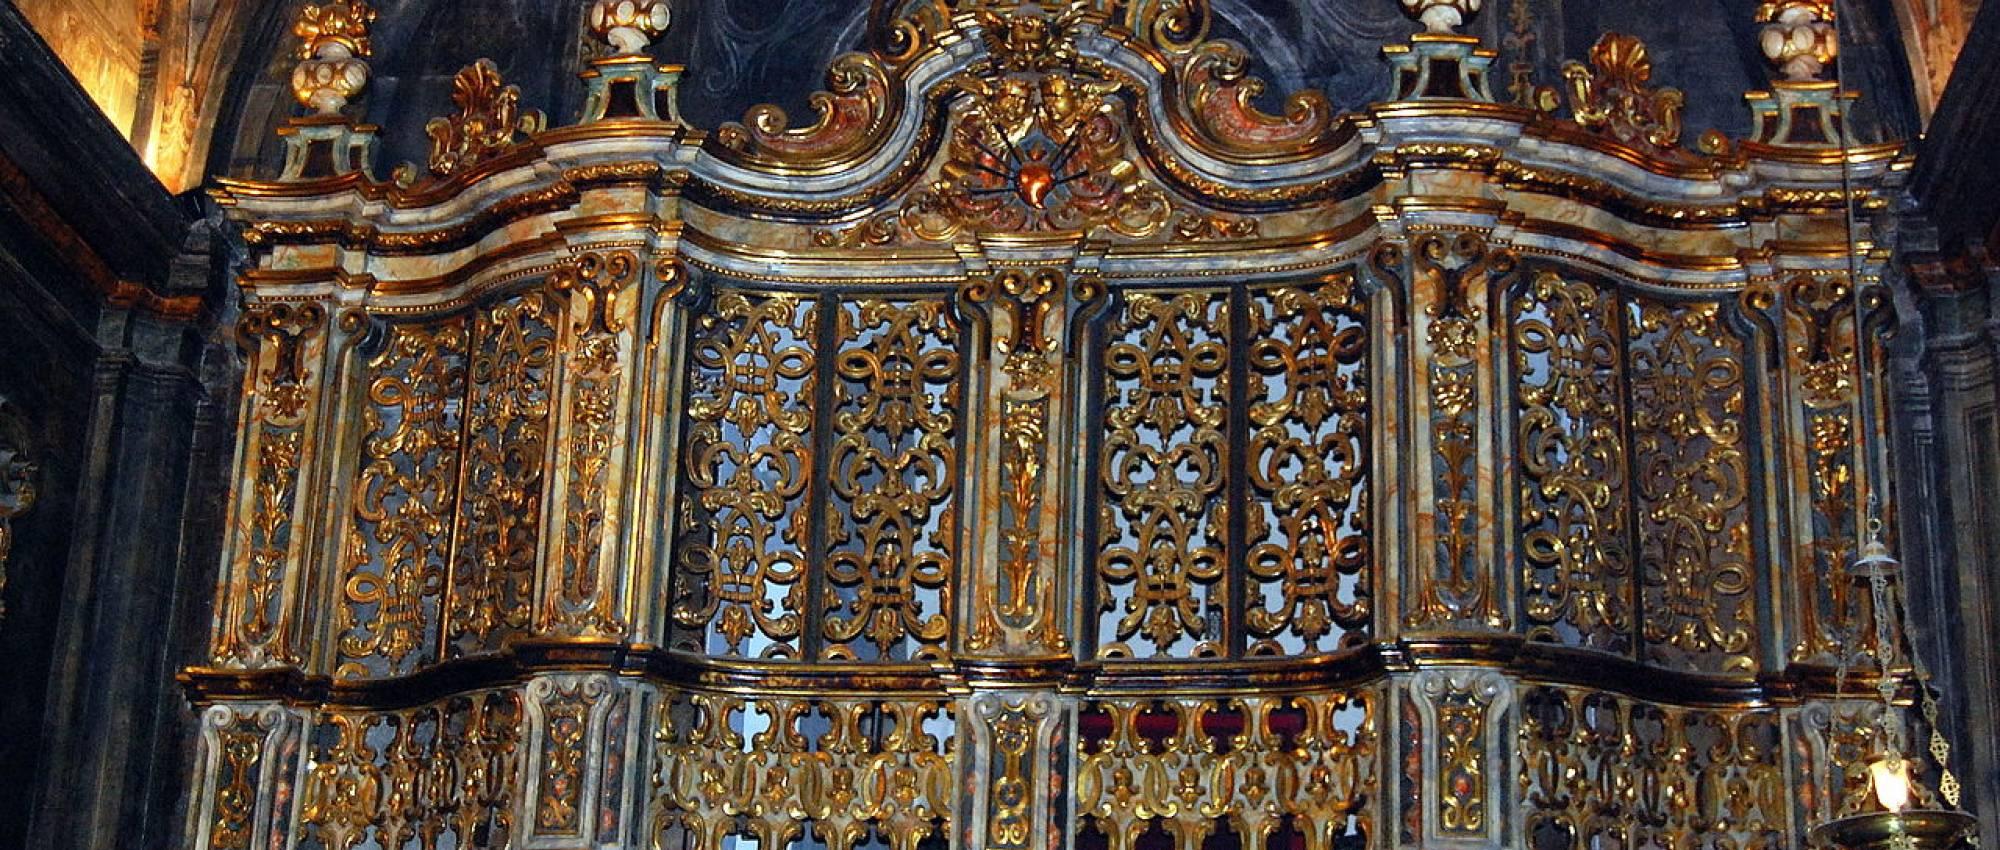 Cor de la capella dels Dolors. Angela Llop / Wikimedia Commons. CC BY-SA 2.0